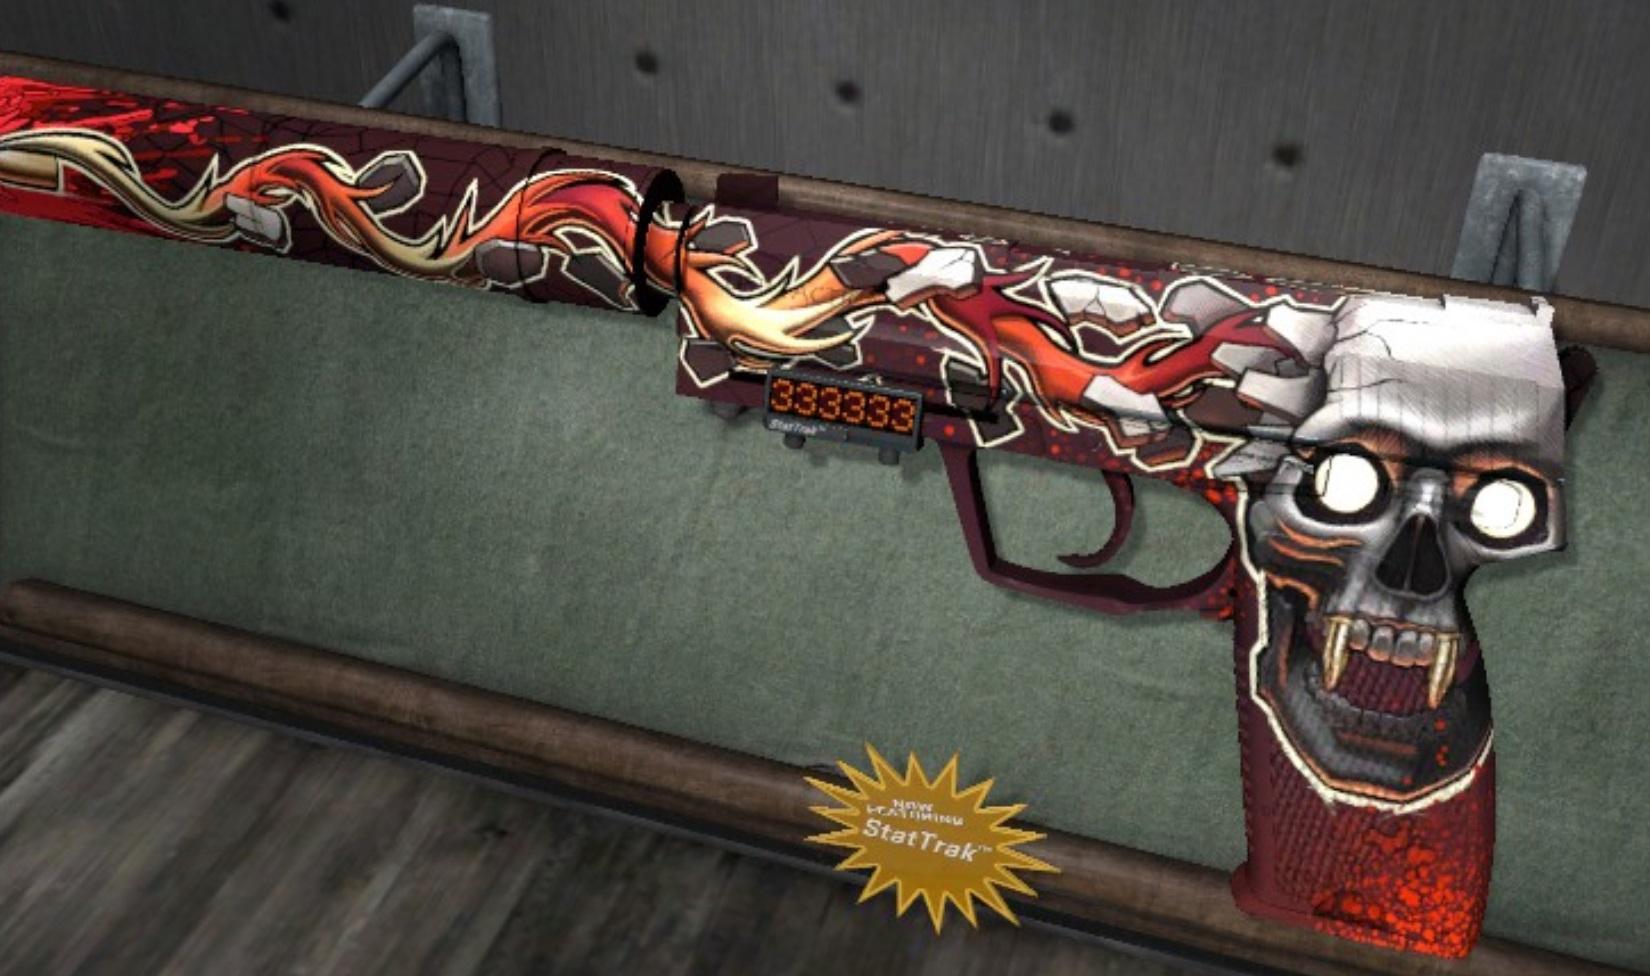 Valve denies wrongdoing in skin gambling legal rumblings: